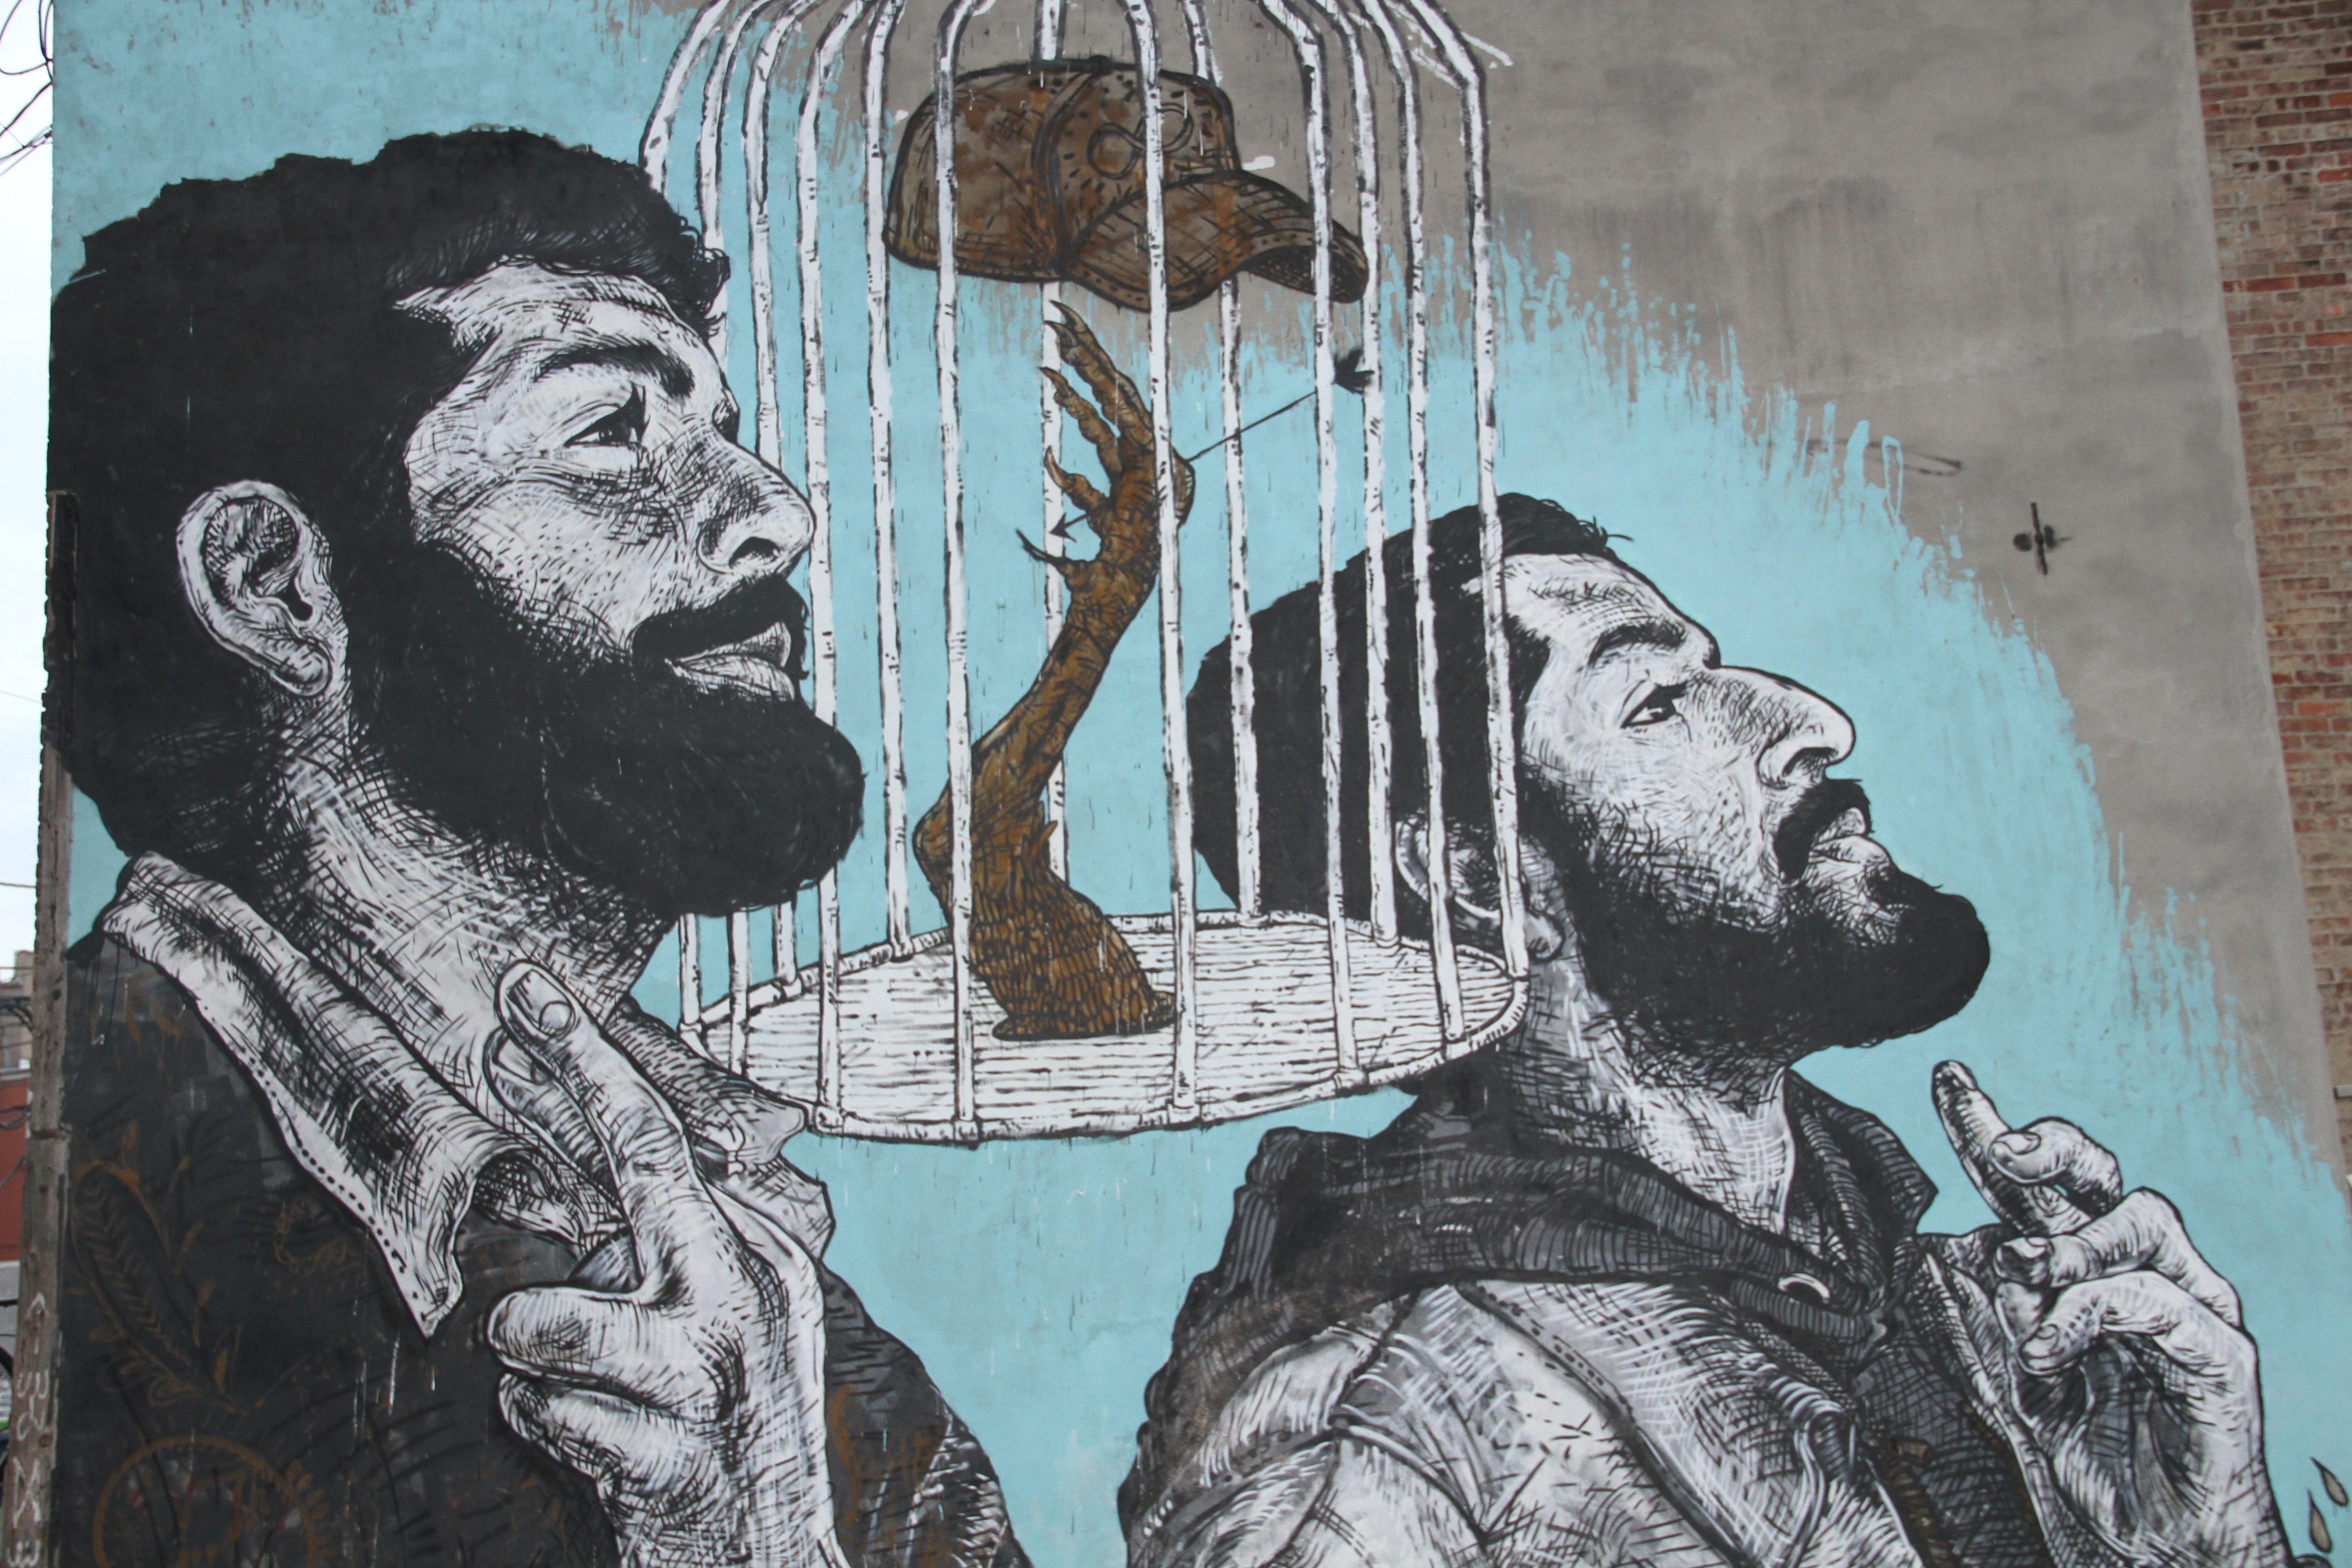 Graffiti art jersey city - Imgl7279